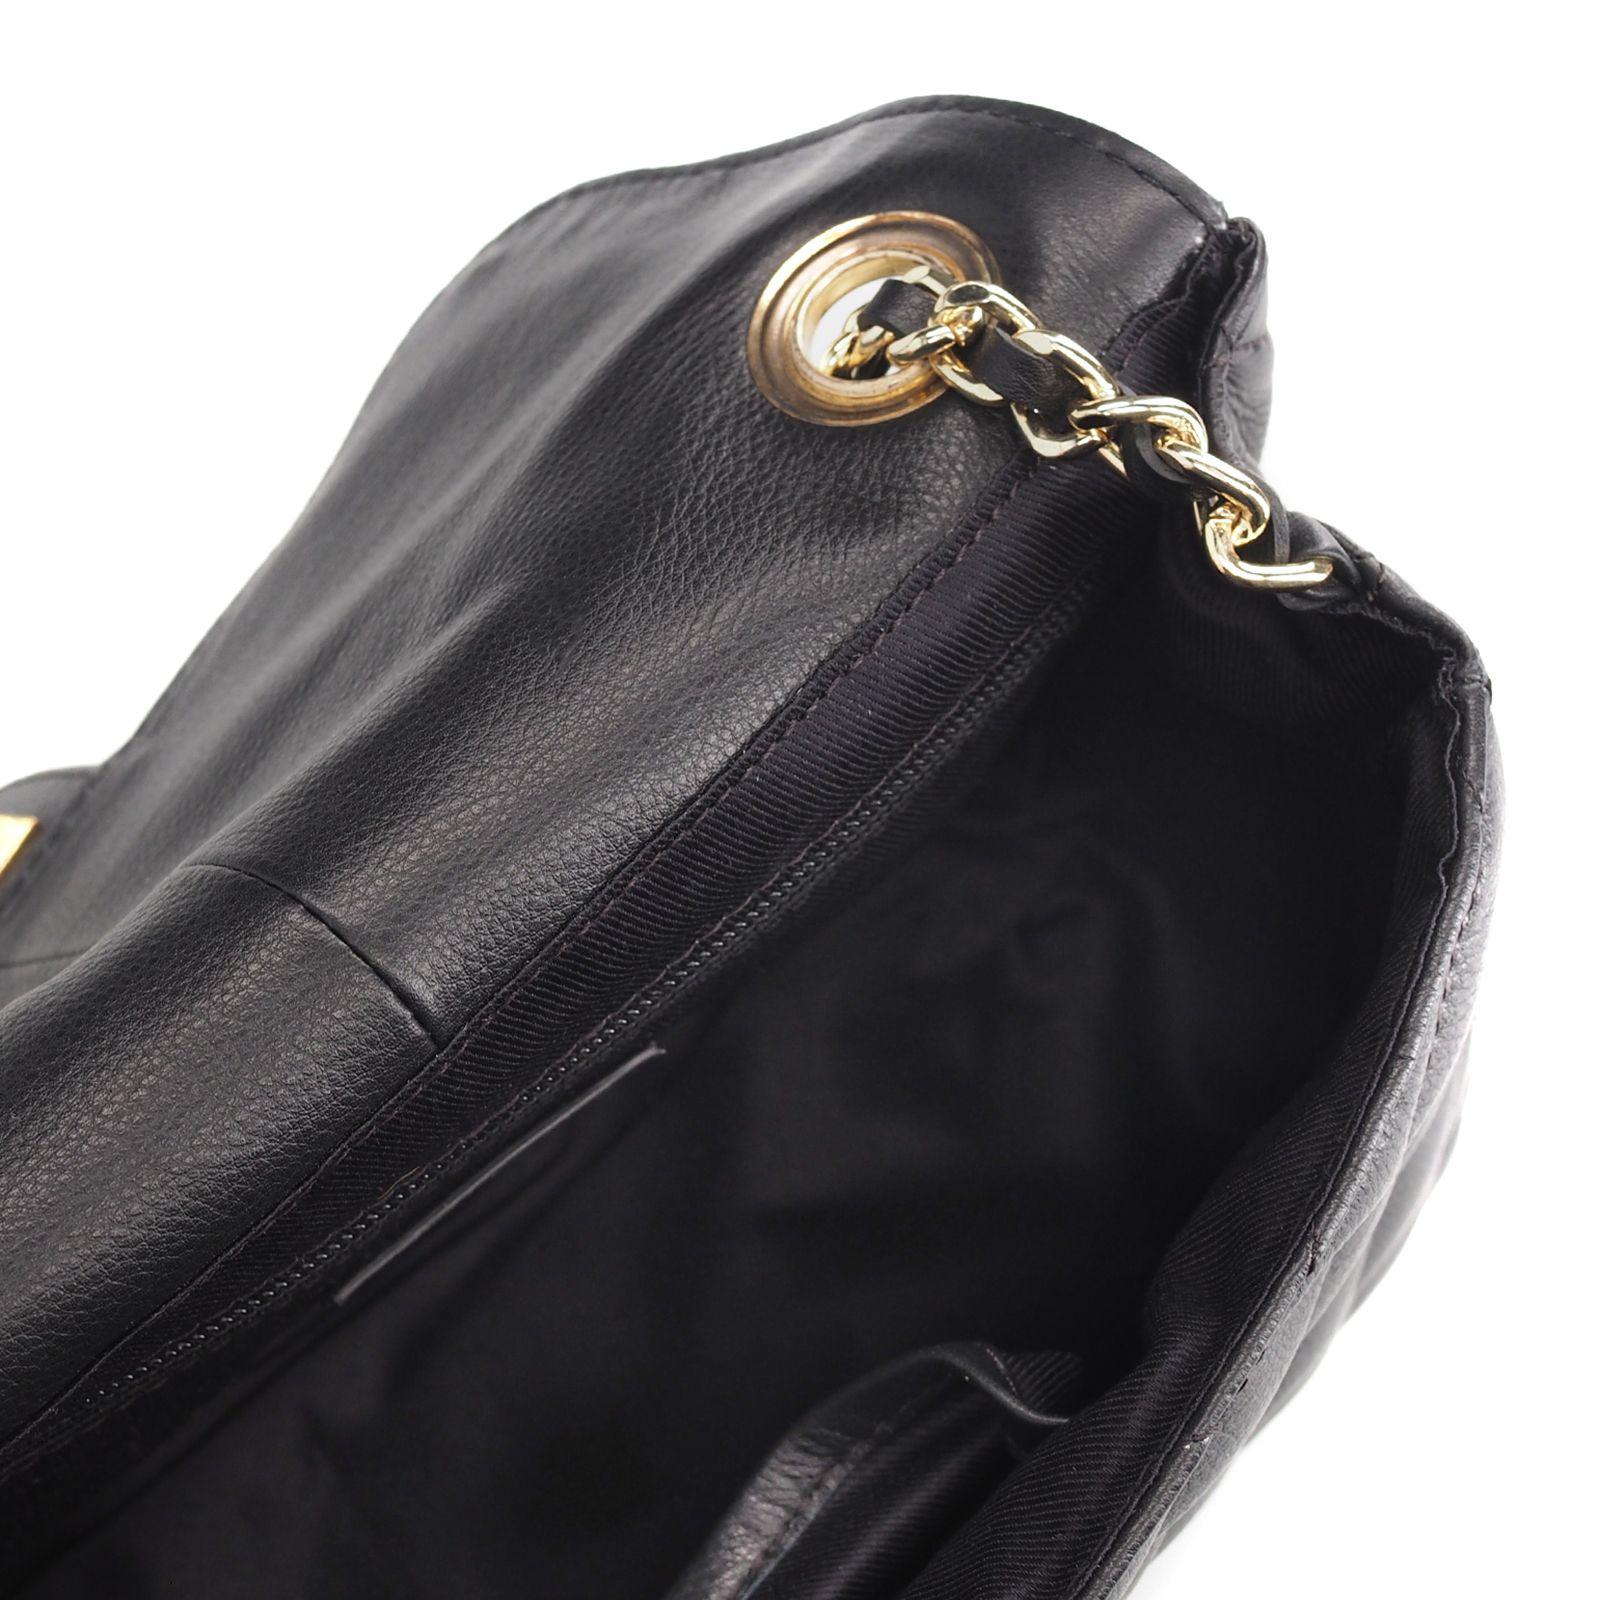 Leren Schouder tas Chains zwart zwarte black dames leder tas